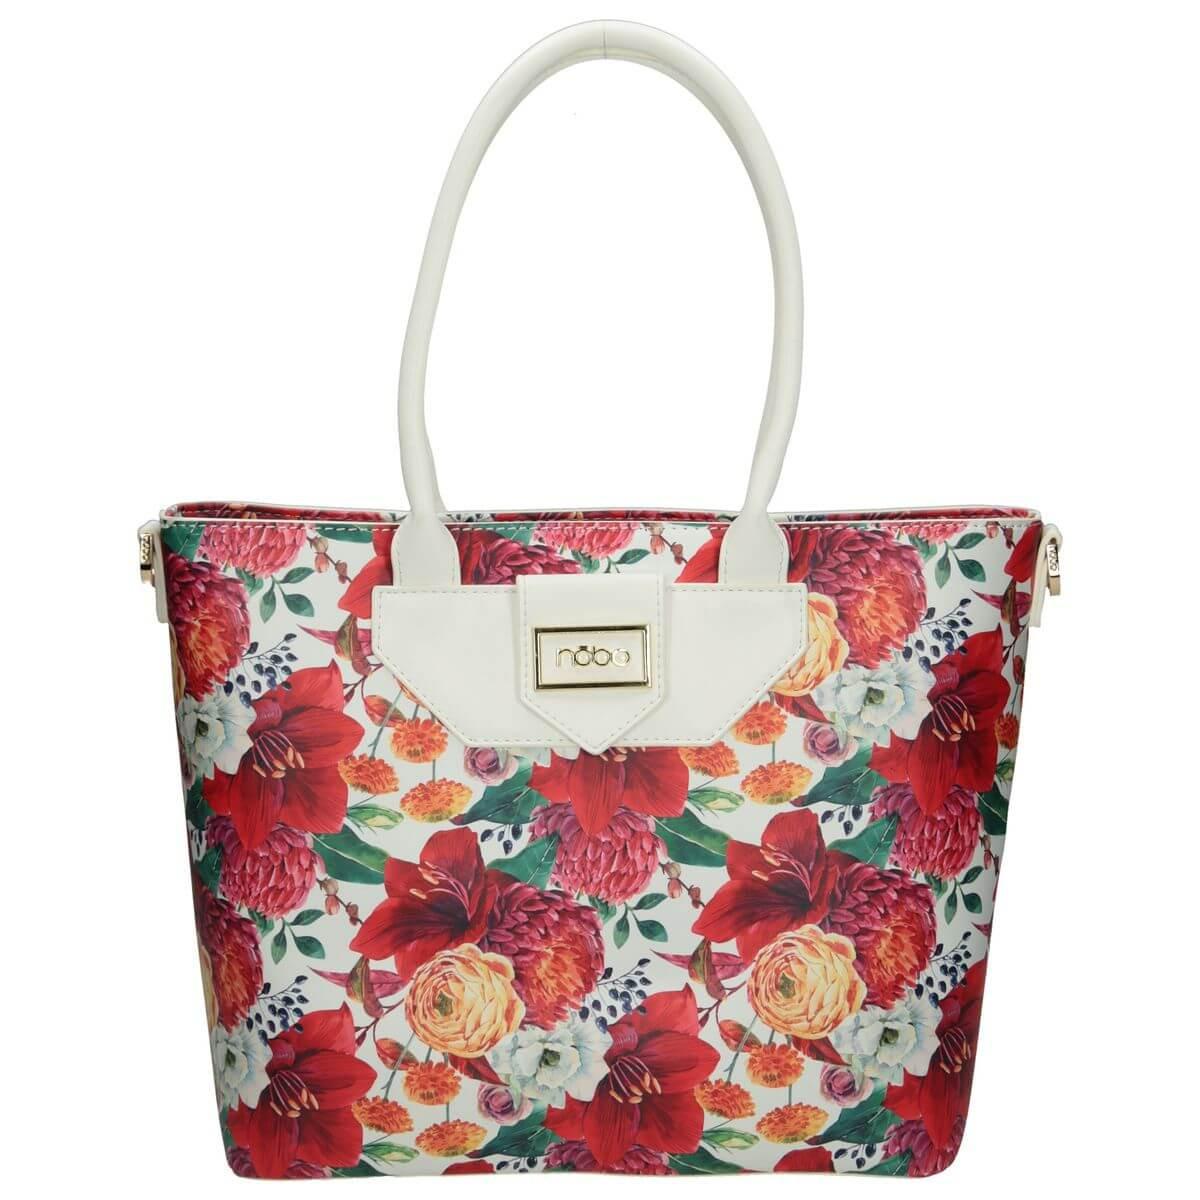 Nobo Woman's Bag NBAG-I3260-CM05